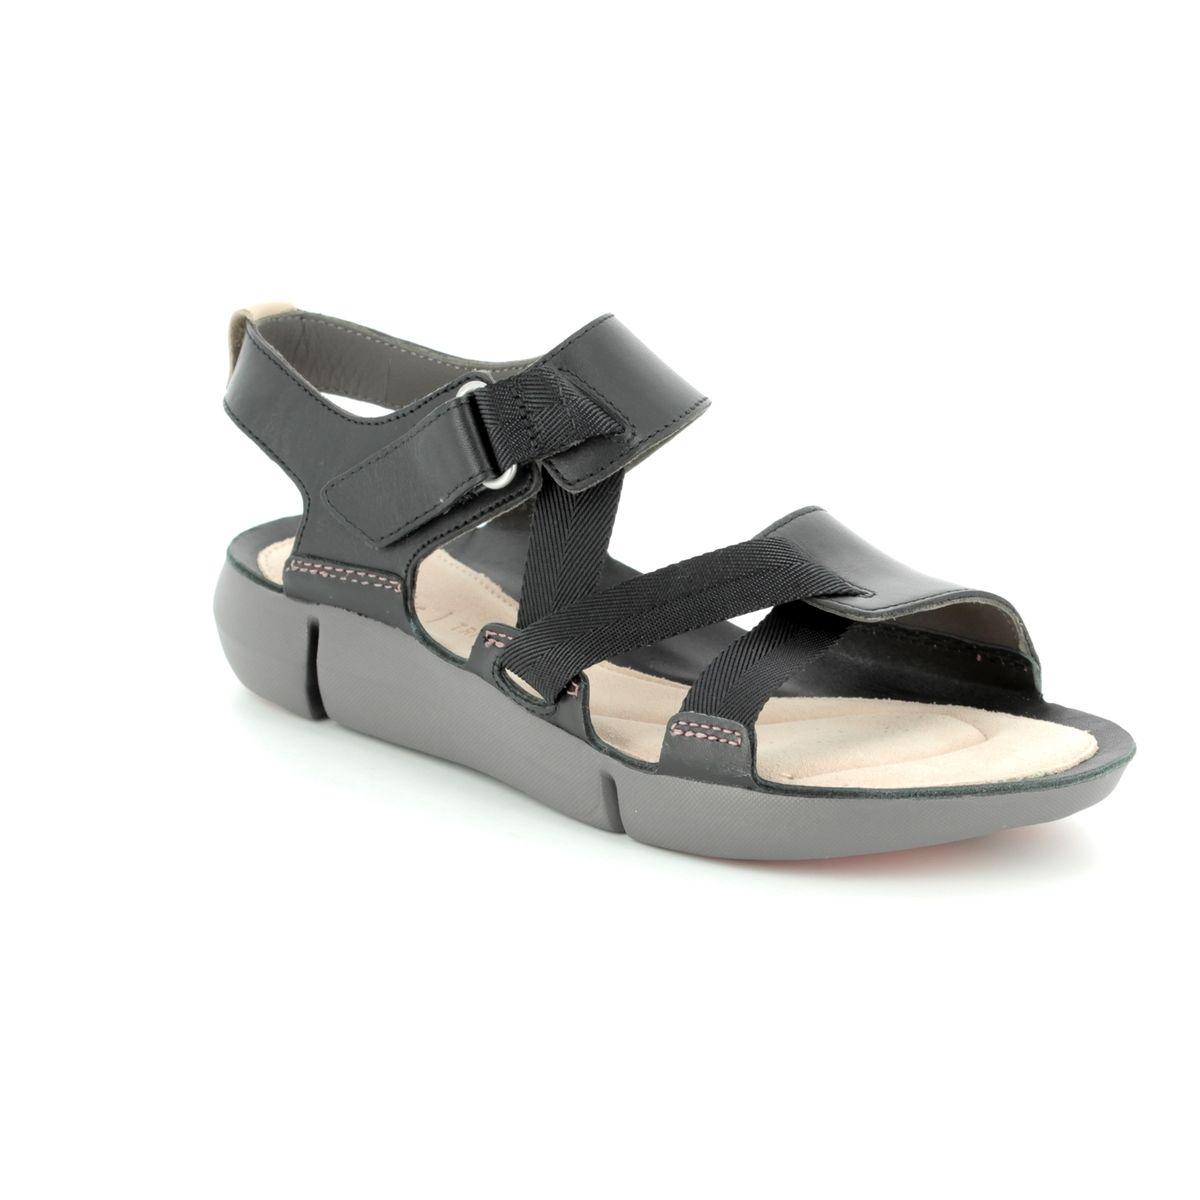 e790c9478ab4de Clarks Sandals - Black - 3127 34D TRI CLOVER